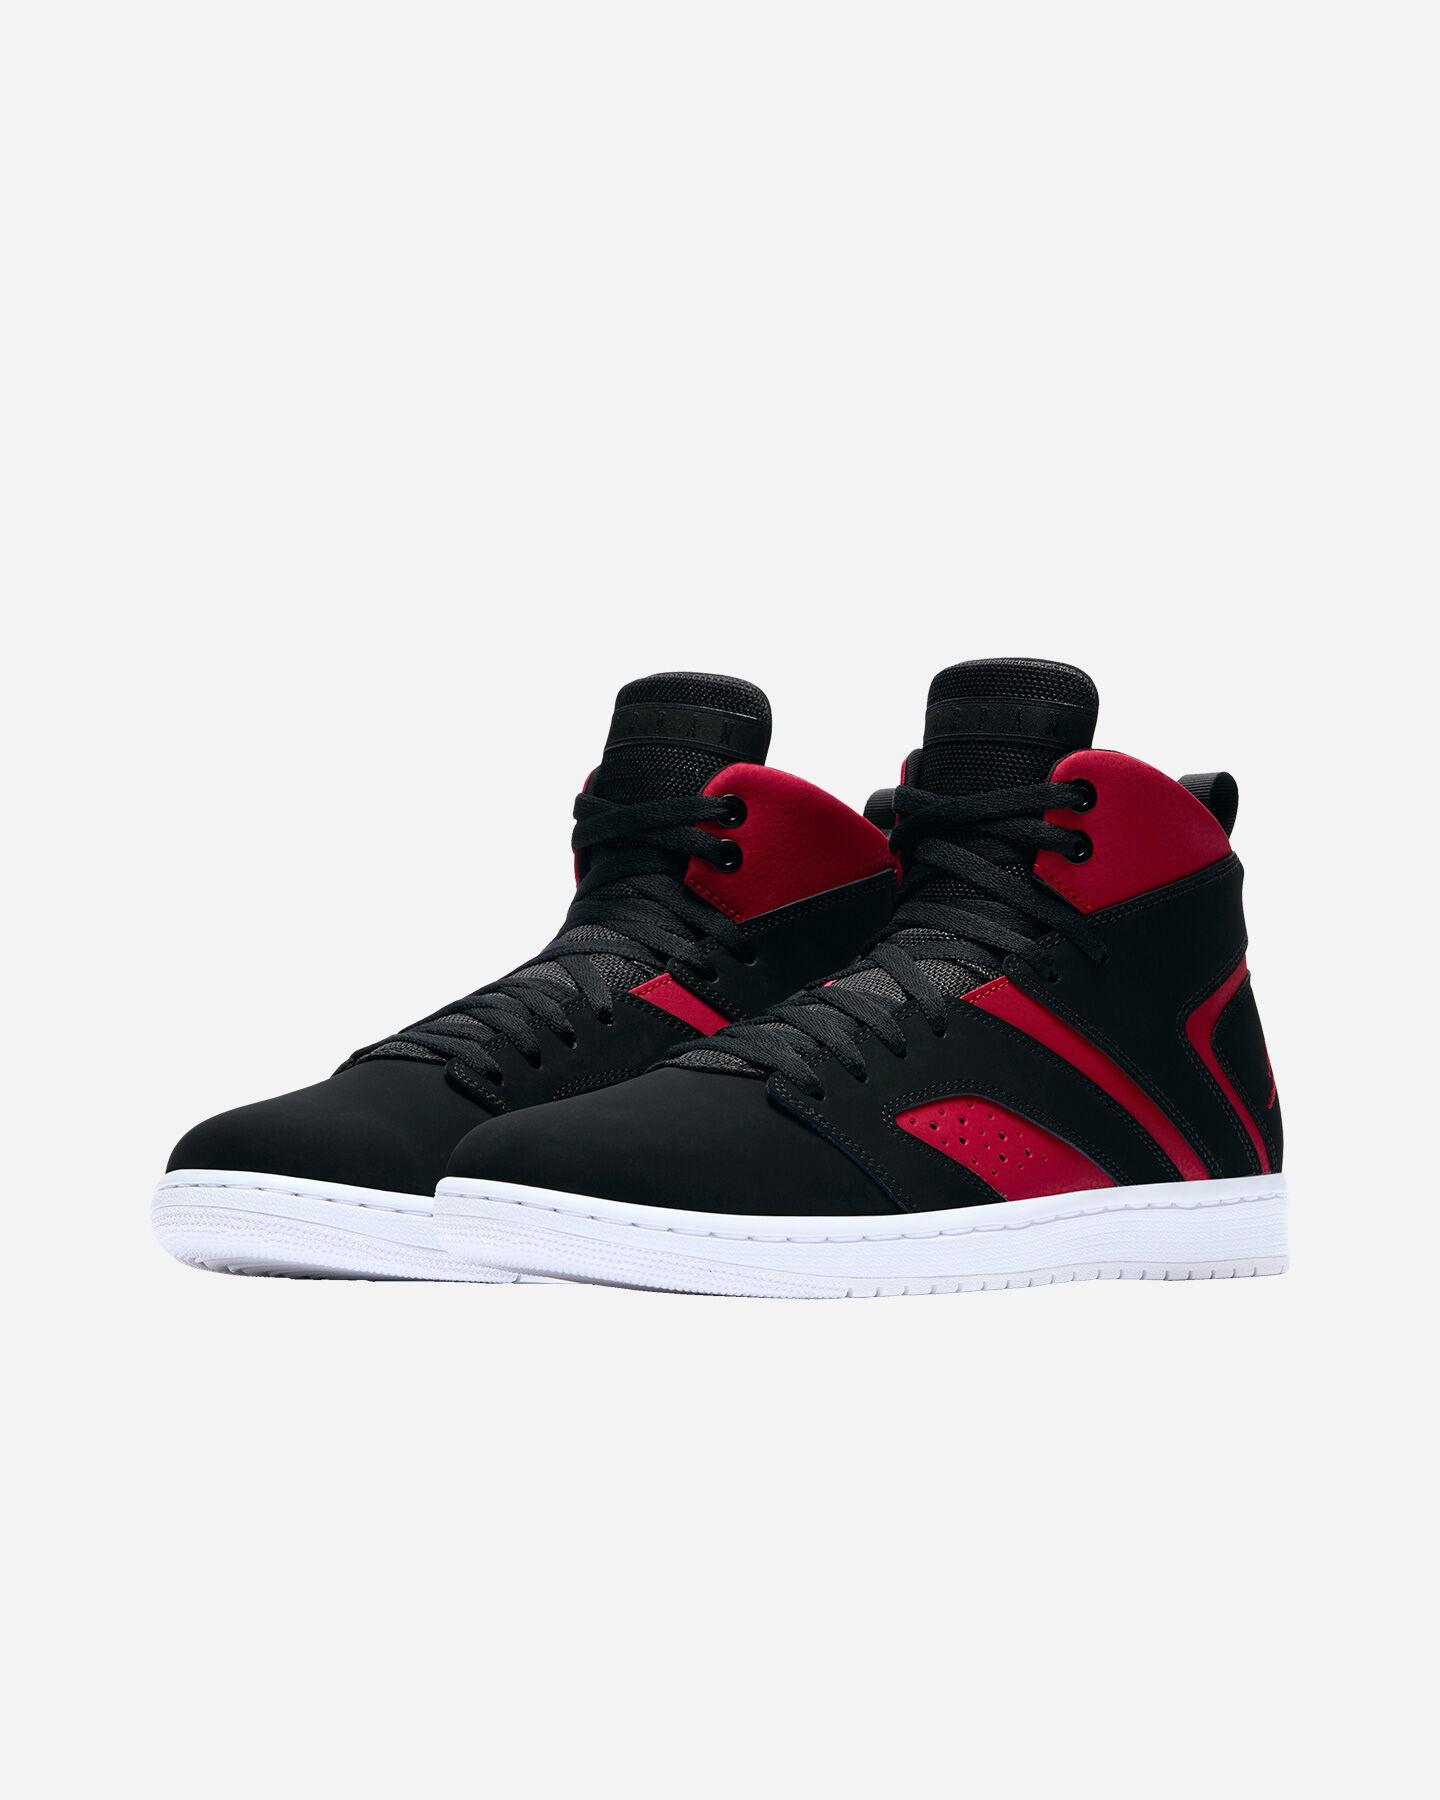 Scarpe sneakers NIKE JORDAN FLIGHT LEGEND M S4042227 scatto 1